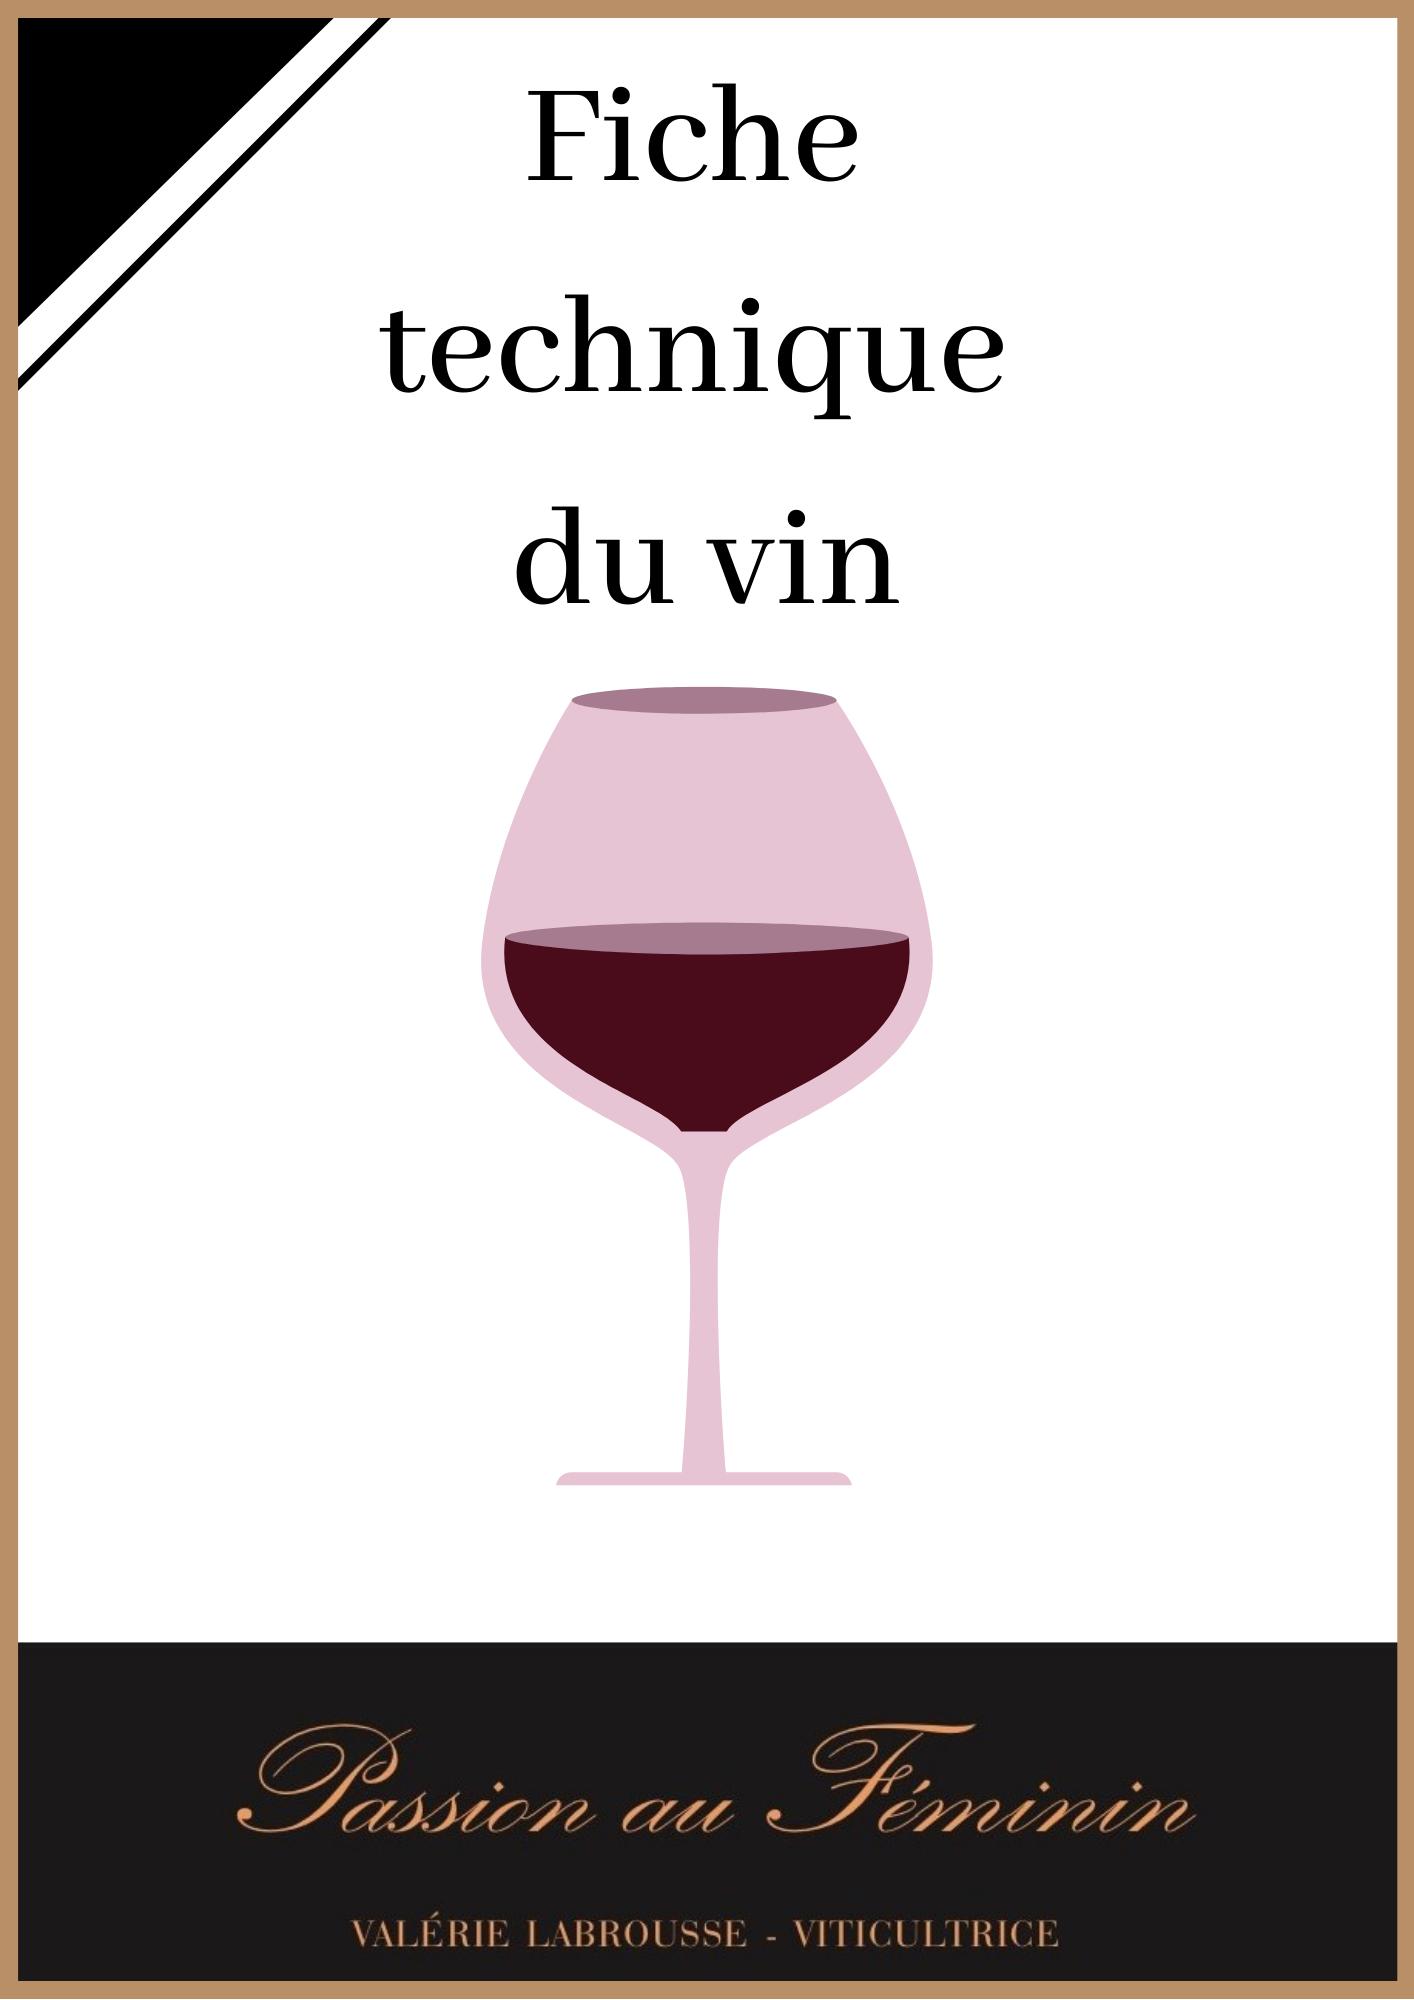 Fiche technique Château du Payre Cuvée de la Fontanille 2014 Bordeaux